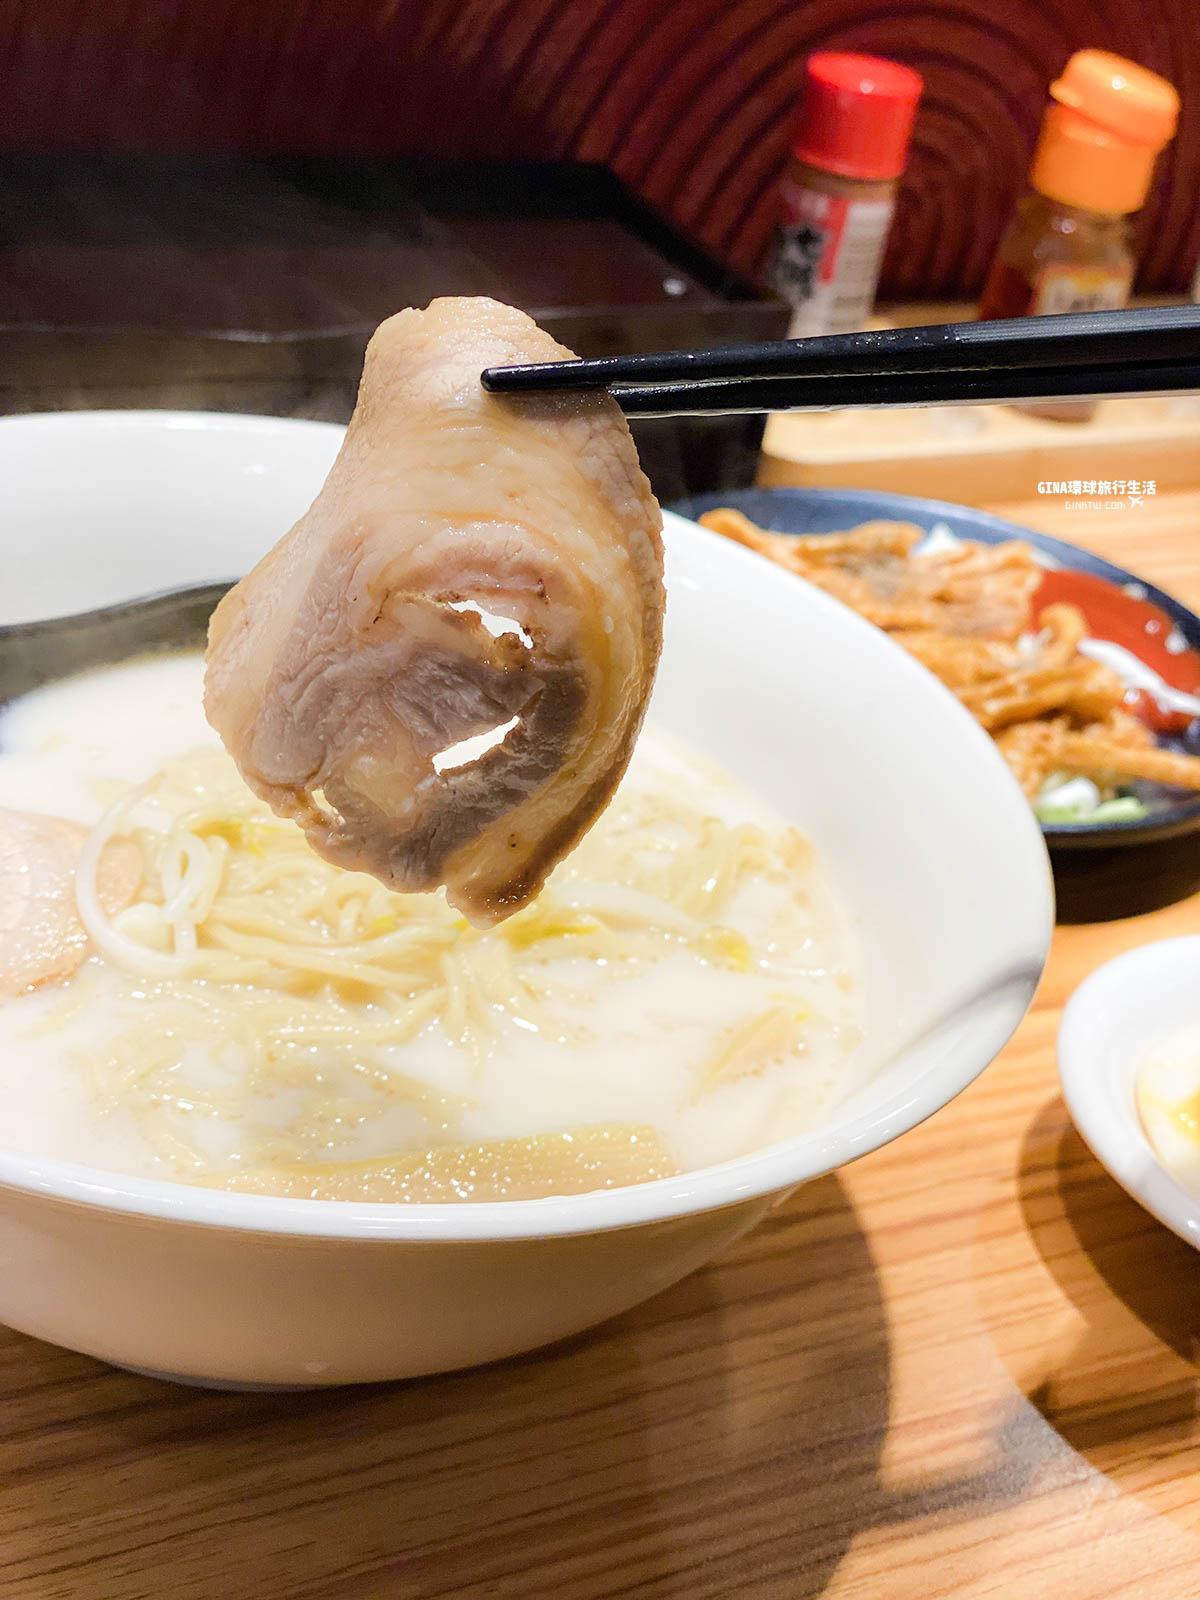 【台南平價美食】日式神武拉麵 59元起!平假日免費加麵不用錢|2021最新菜單 @GINA環球旅行生活